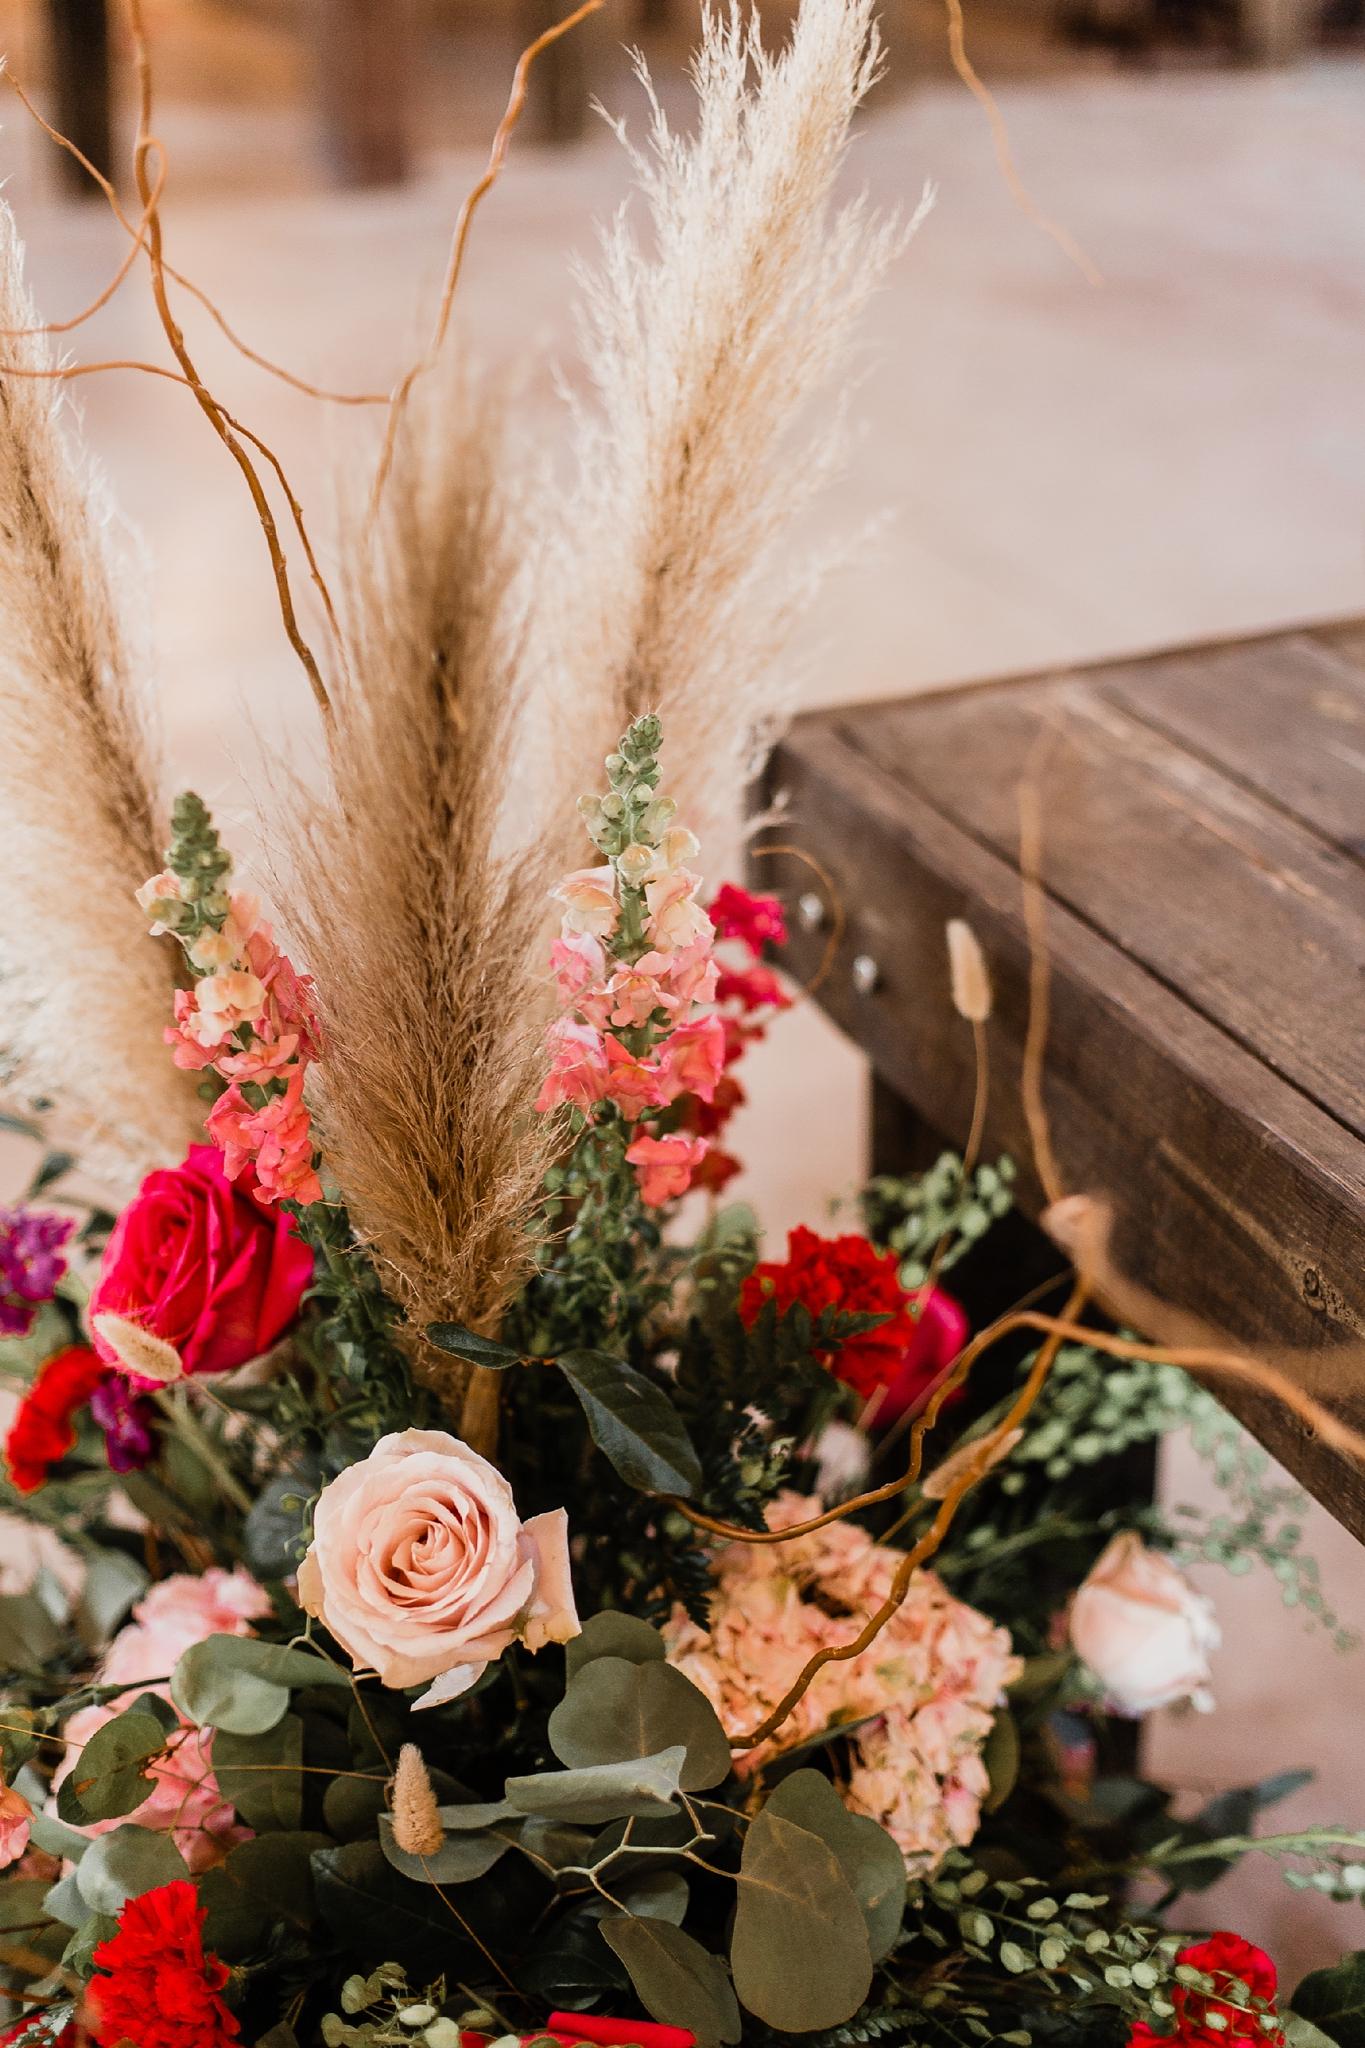 Alicia+lucia+photography+-+albuquerque+wedding+photographer+-+santa+fe+wedding+photography+-+new+mexico+wedding+photographer+-+new+mexico+wedding+-+new+mexico+wedding+-+barn+wedding+-+enchanted+vine+barn+wedding+-+ruidoso+wedding_0059.jpg